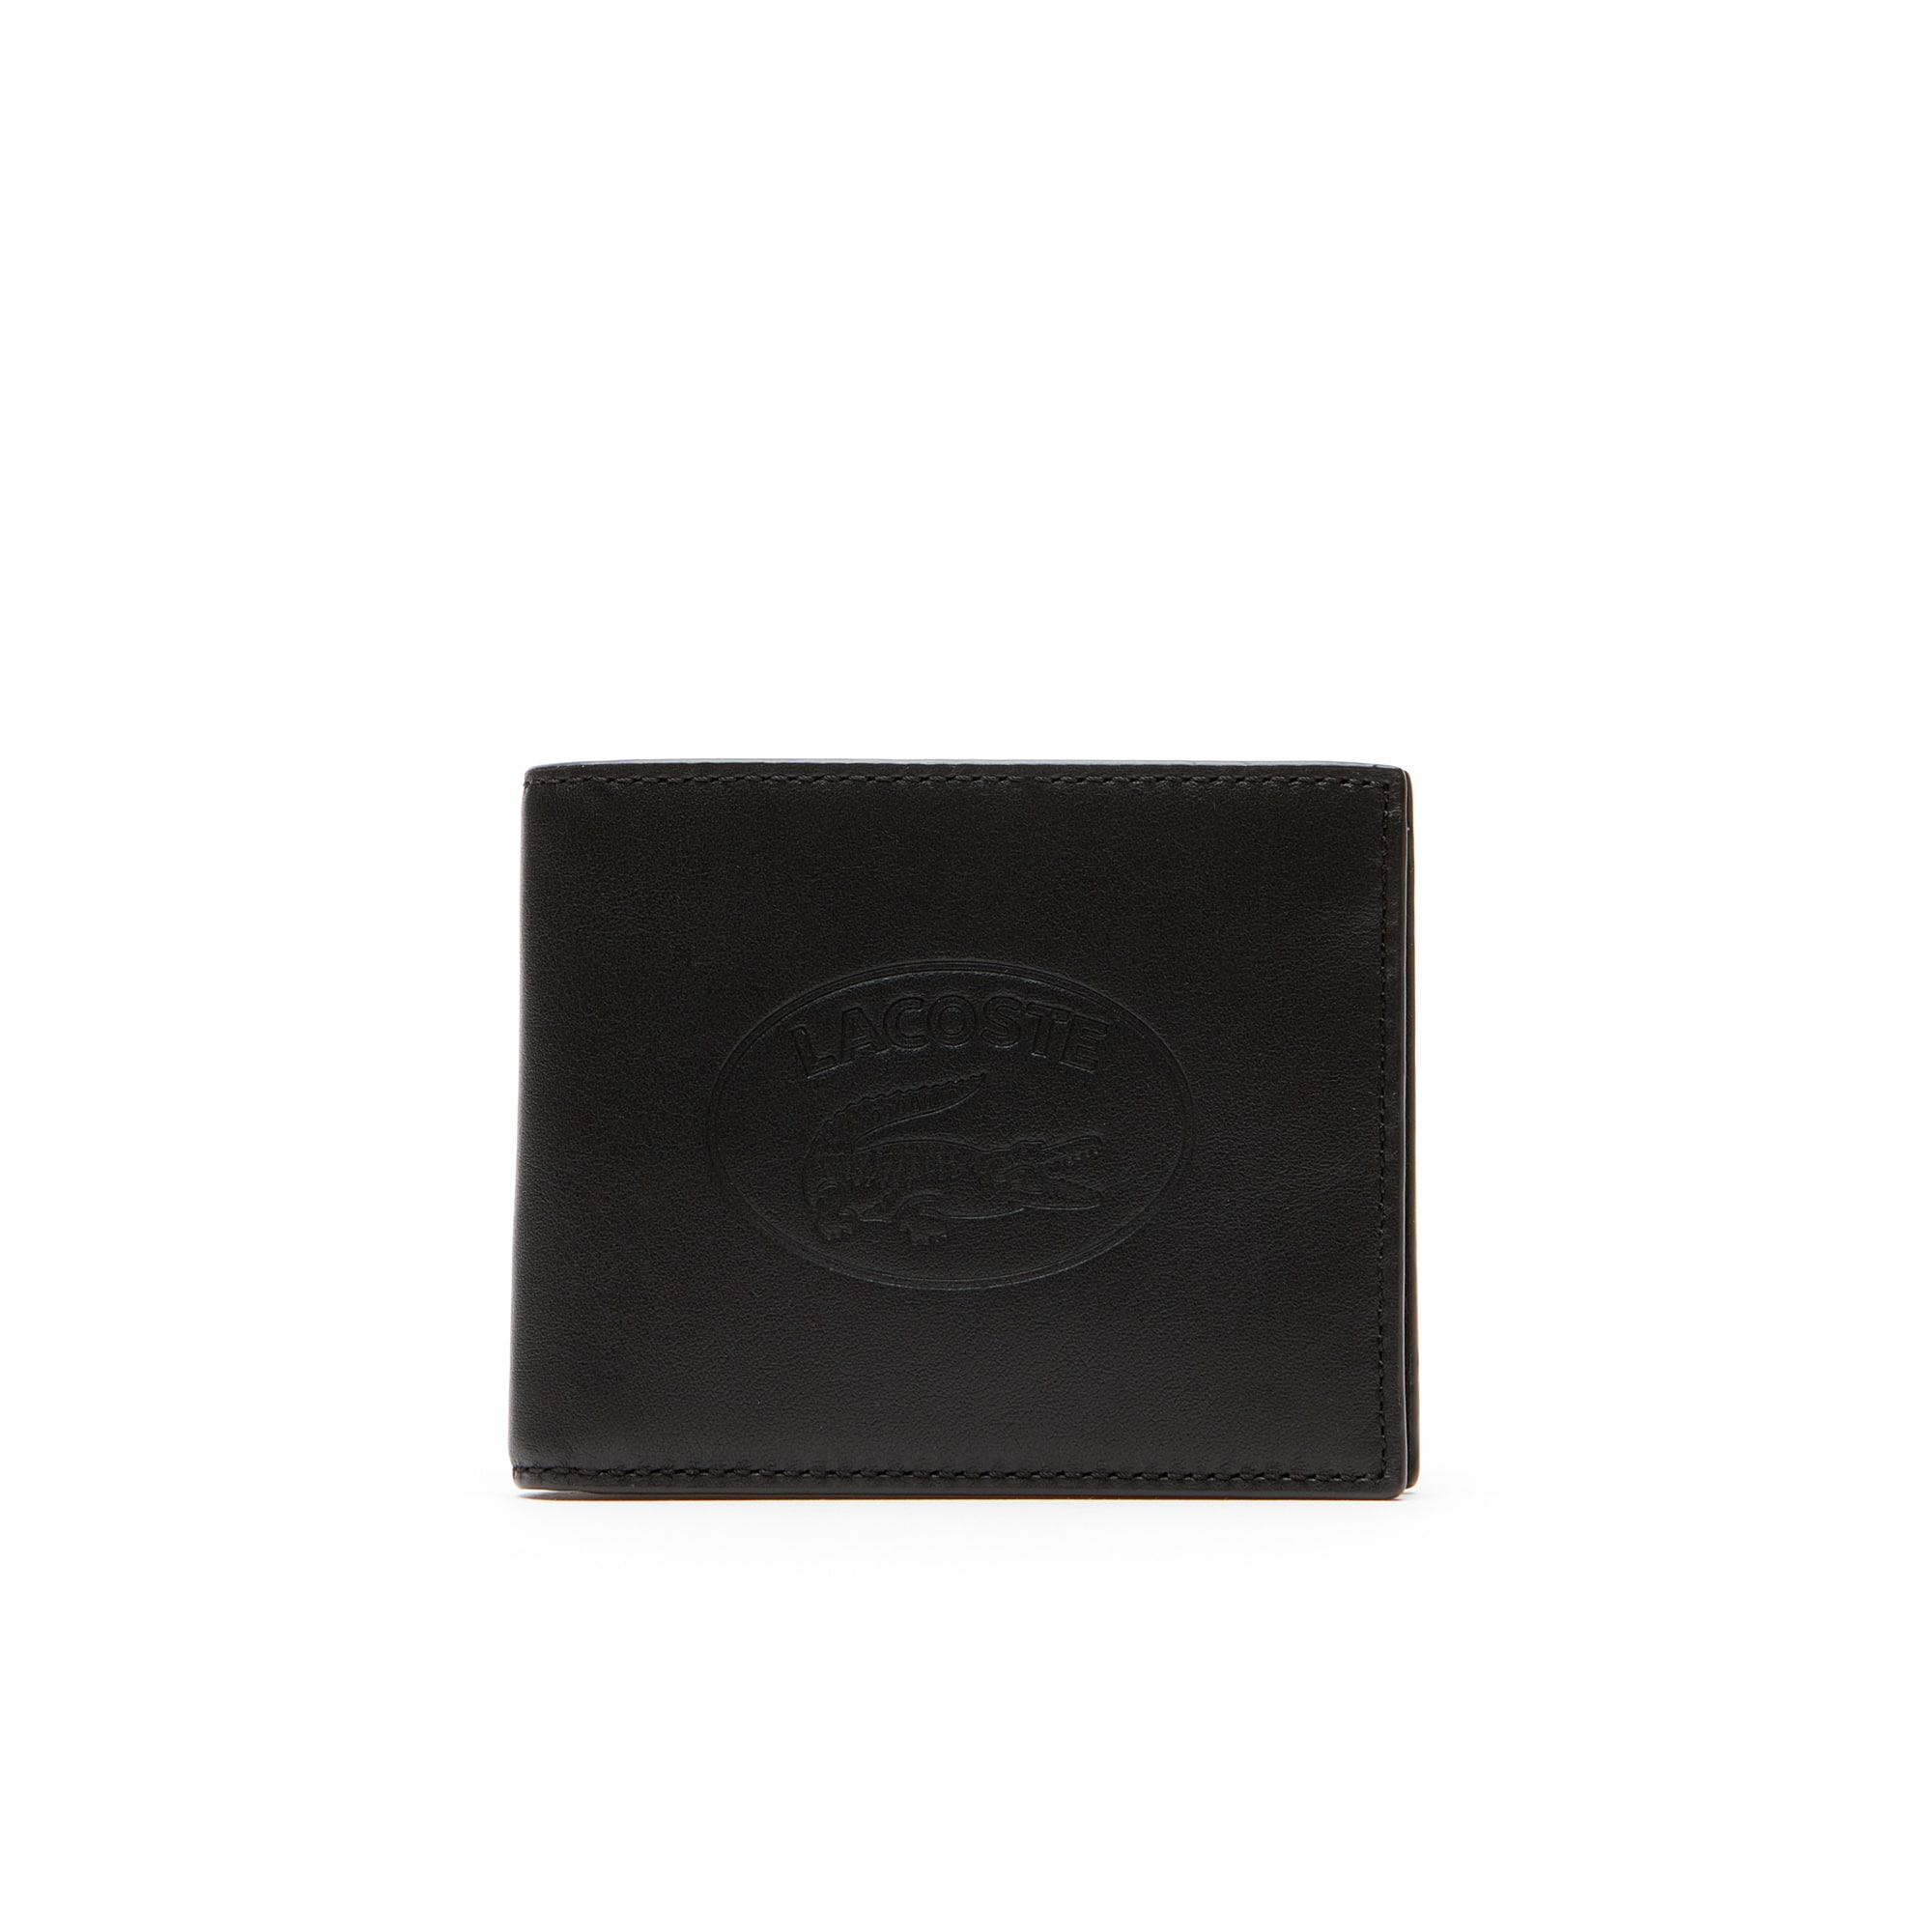 L.12.12 Casual-portemonnee heren voor 6 pasjes leer met reliëfletters